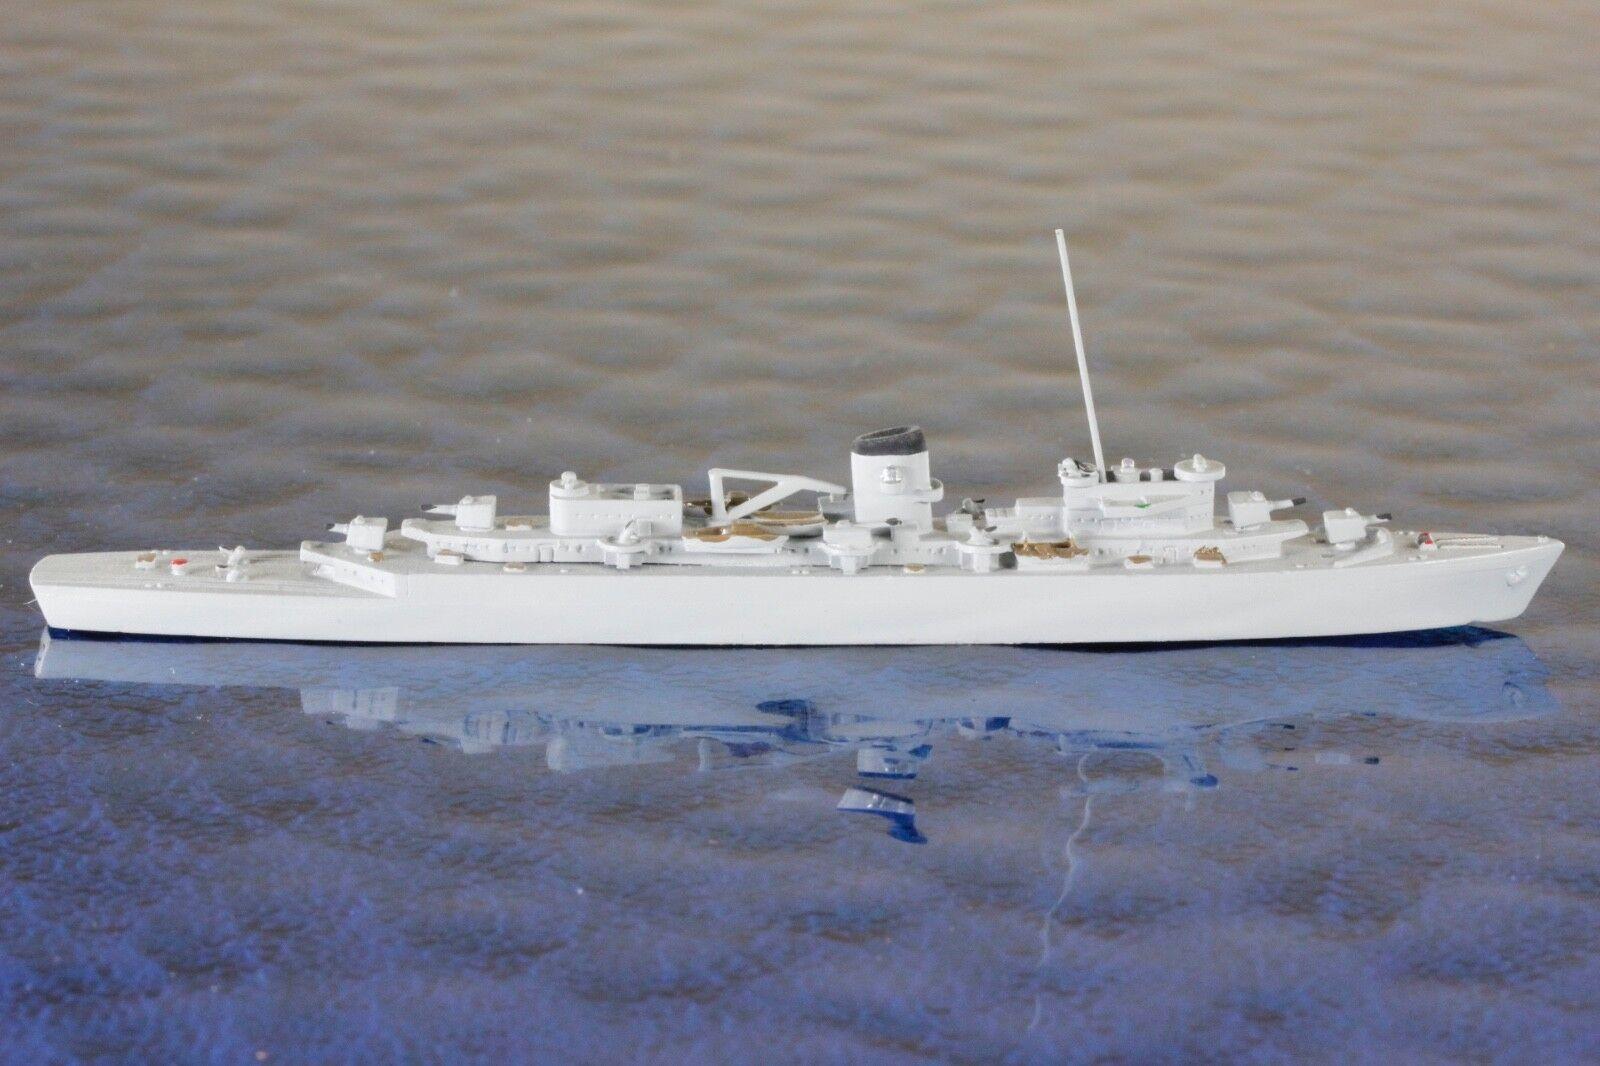 Artillerie École Projet Fabricant Ancre 13aa, 1 1250 vaisseau Modèle